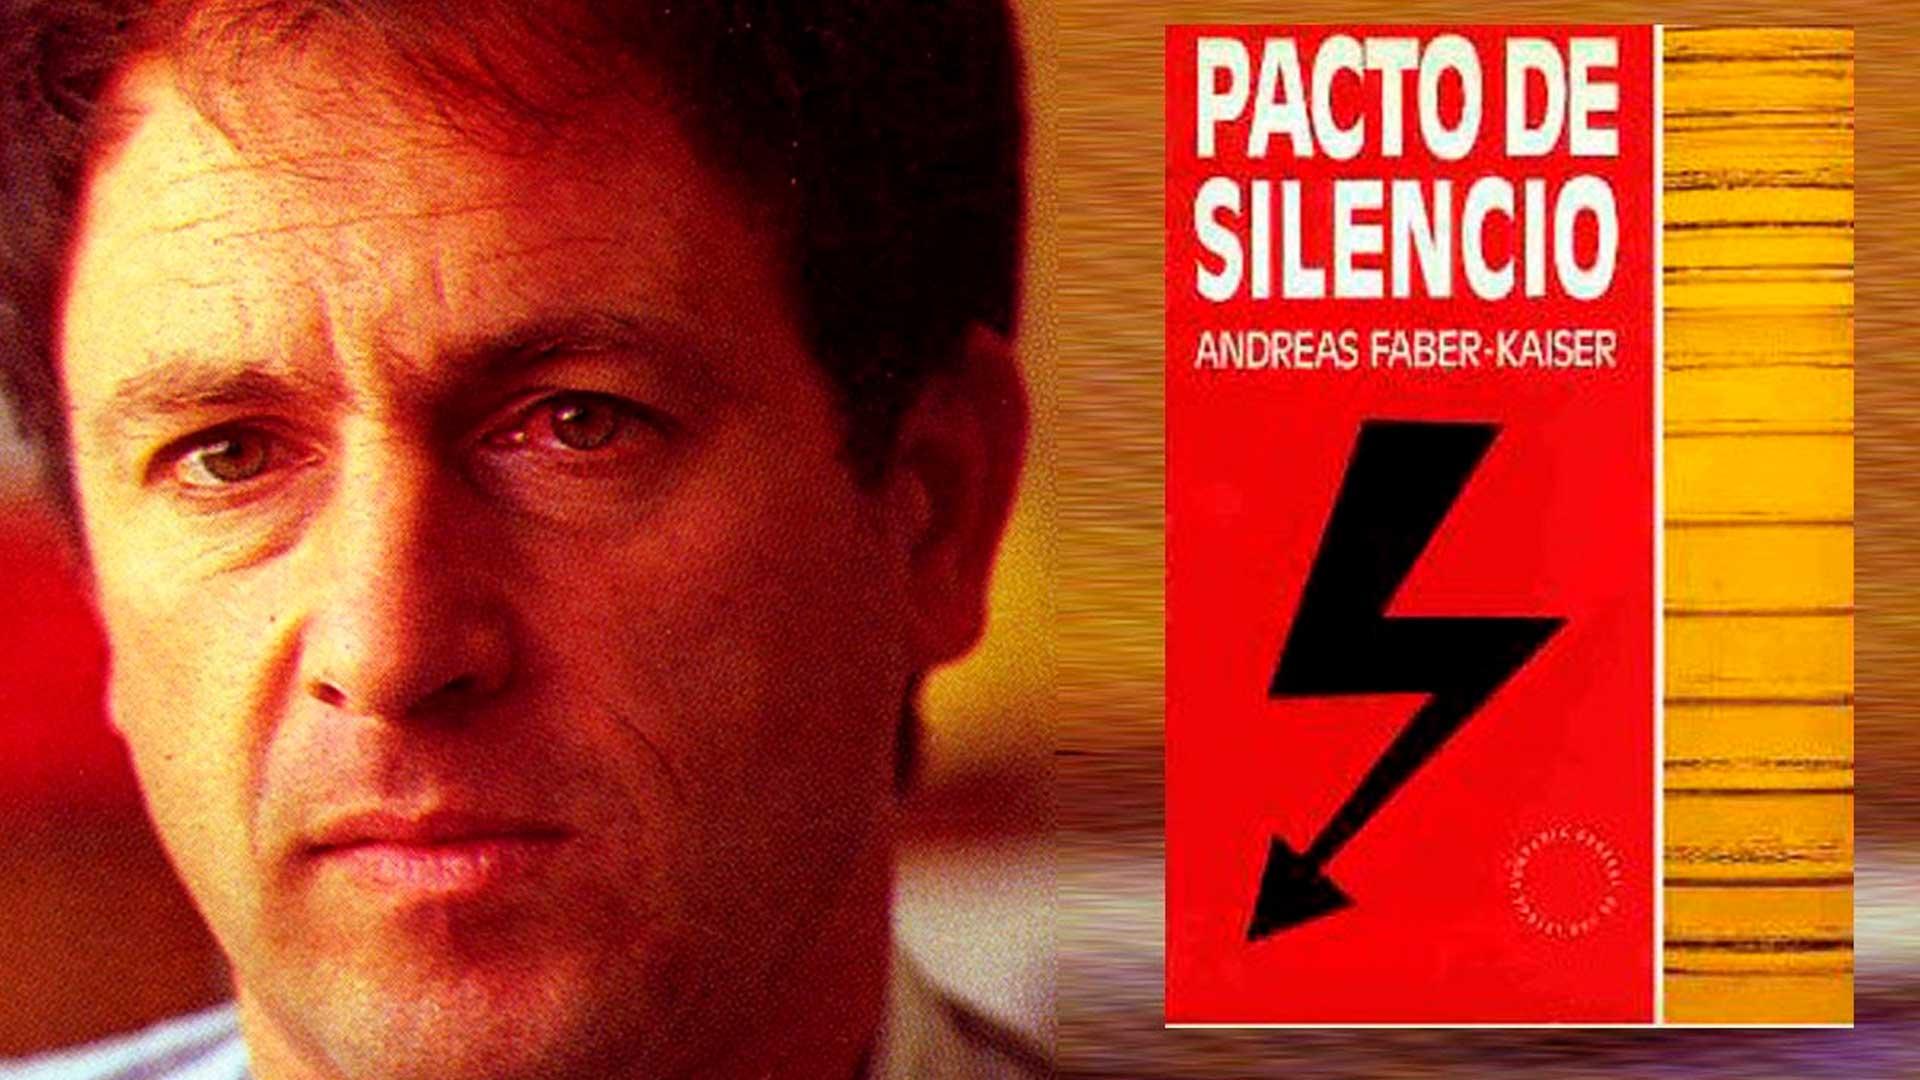 La misteriosa muerte de Andreas Faber-Kaiser